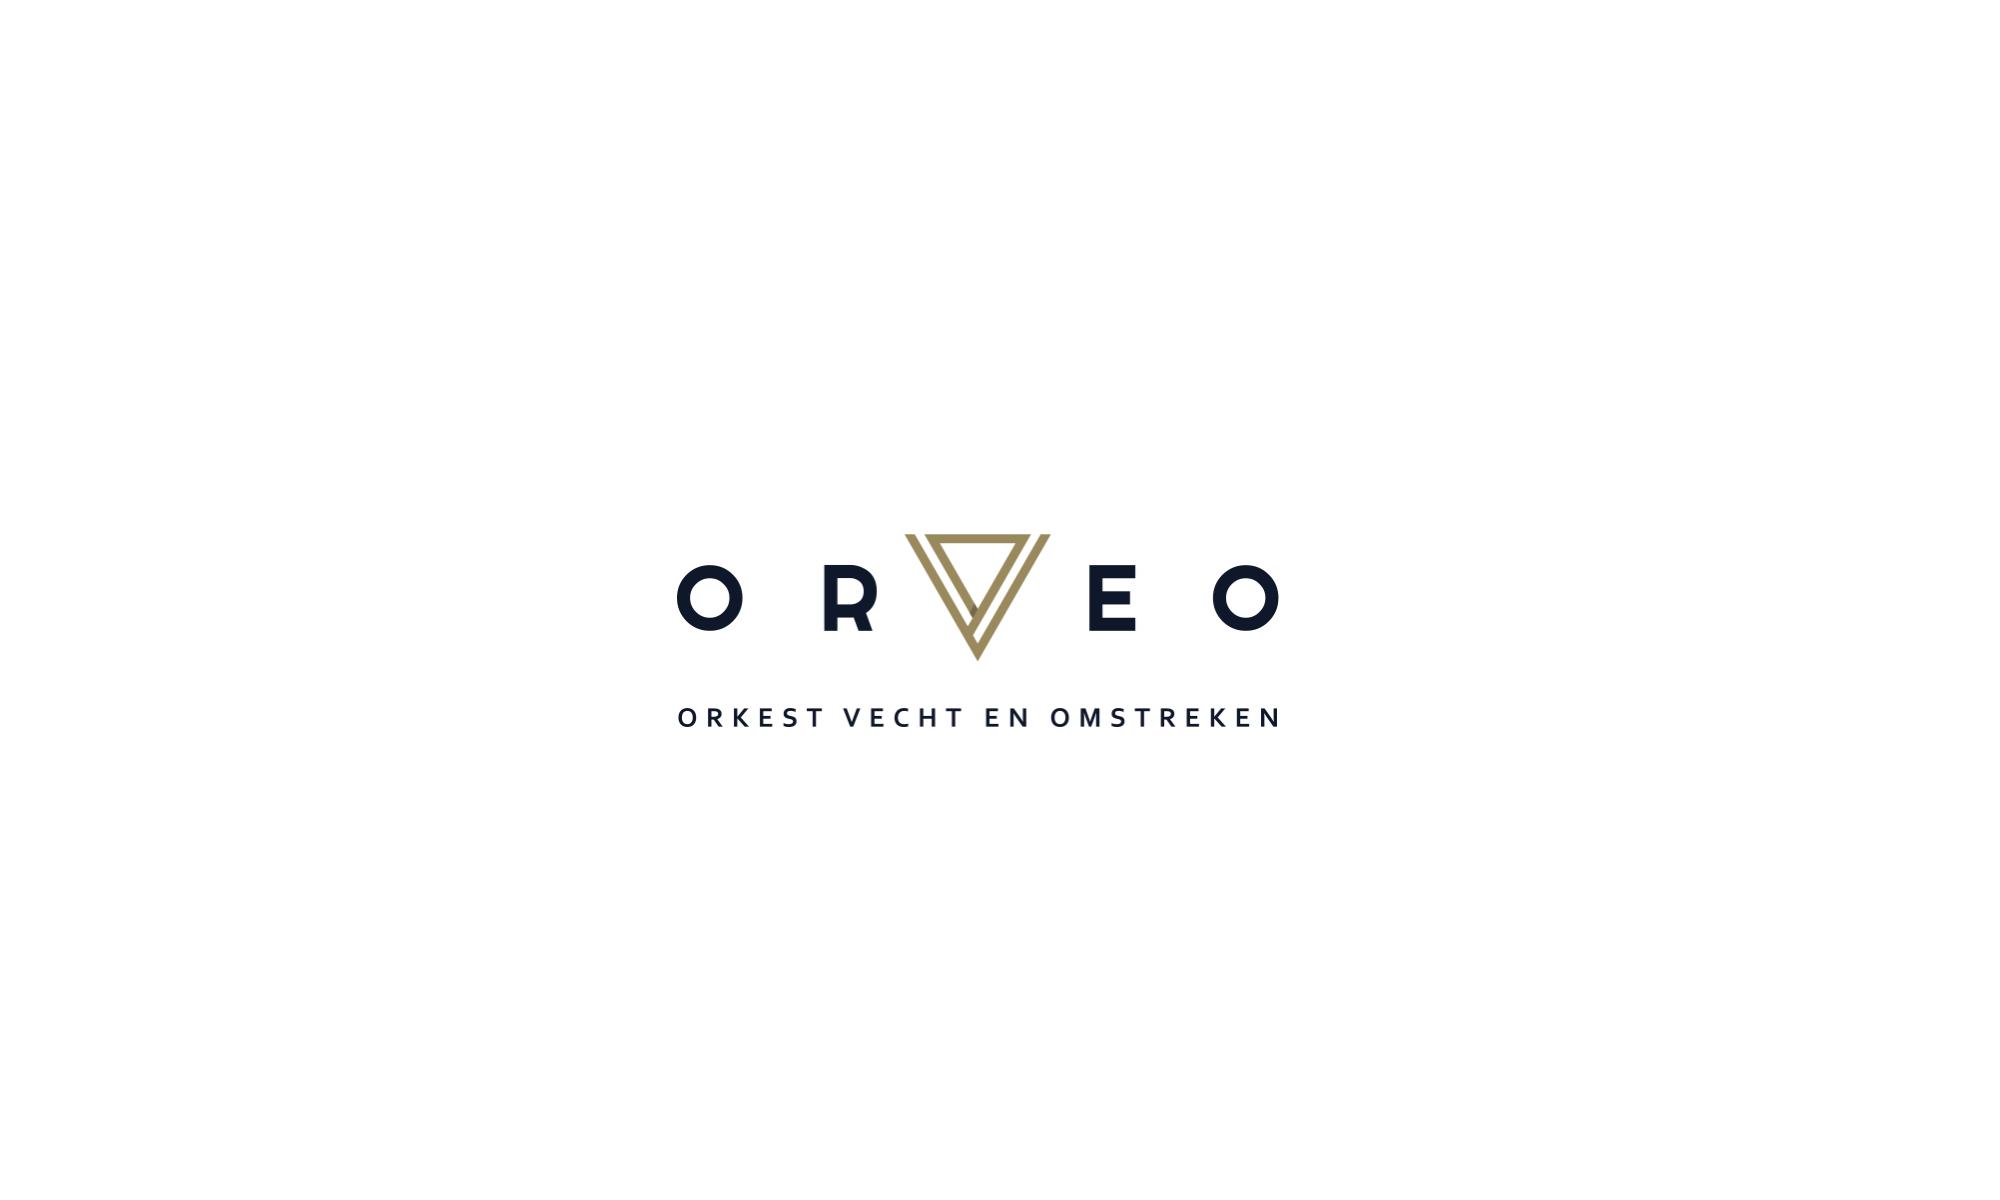 Orveo